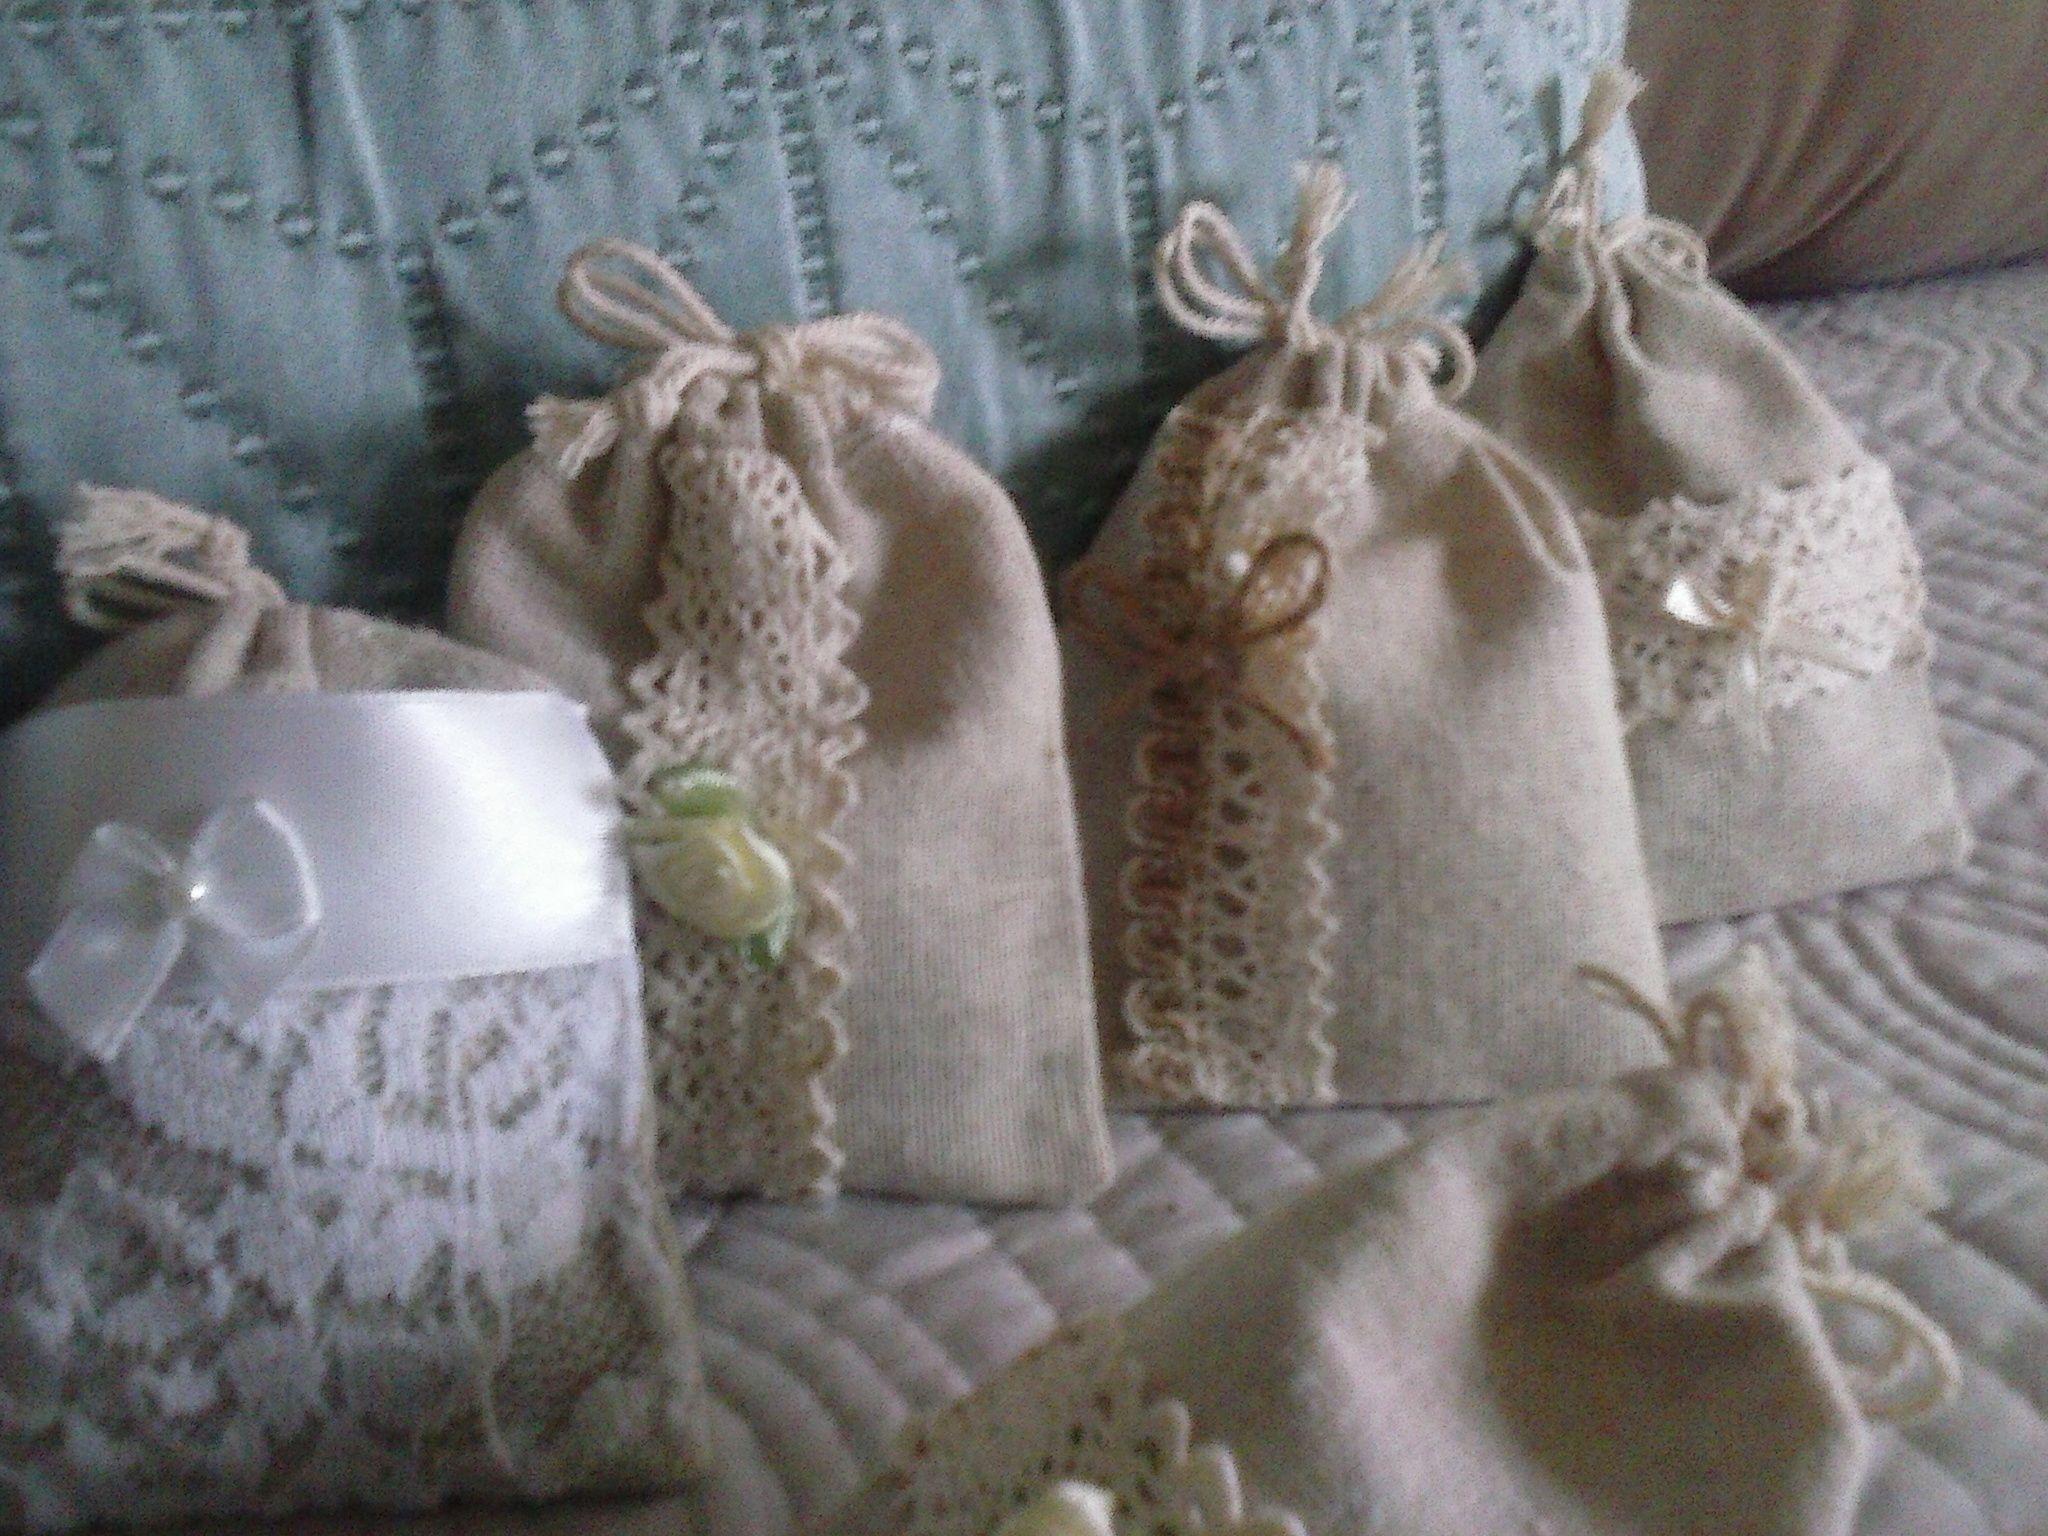 Saquinhos de alfazema para lembrança casamento. Vários modelos. Em www.casadosdefresco.pt